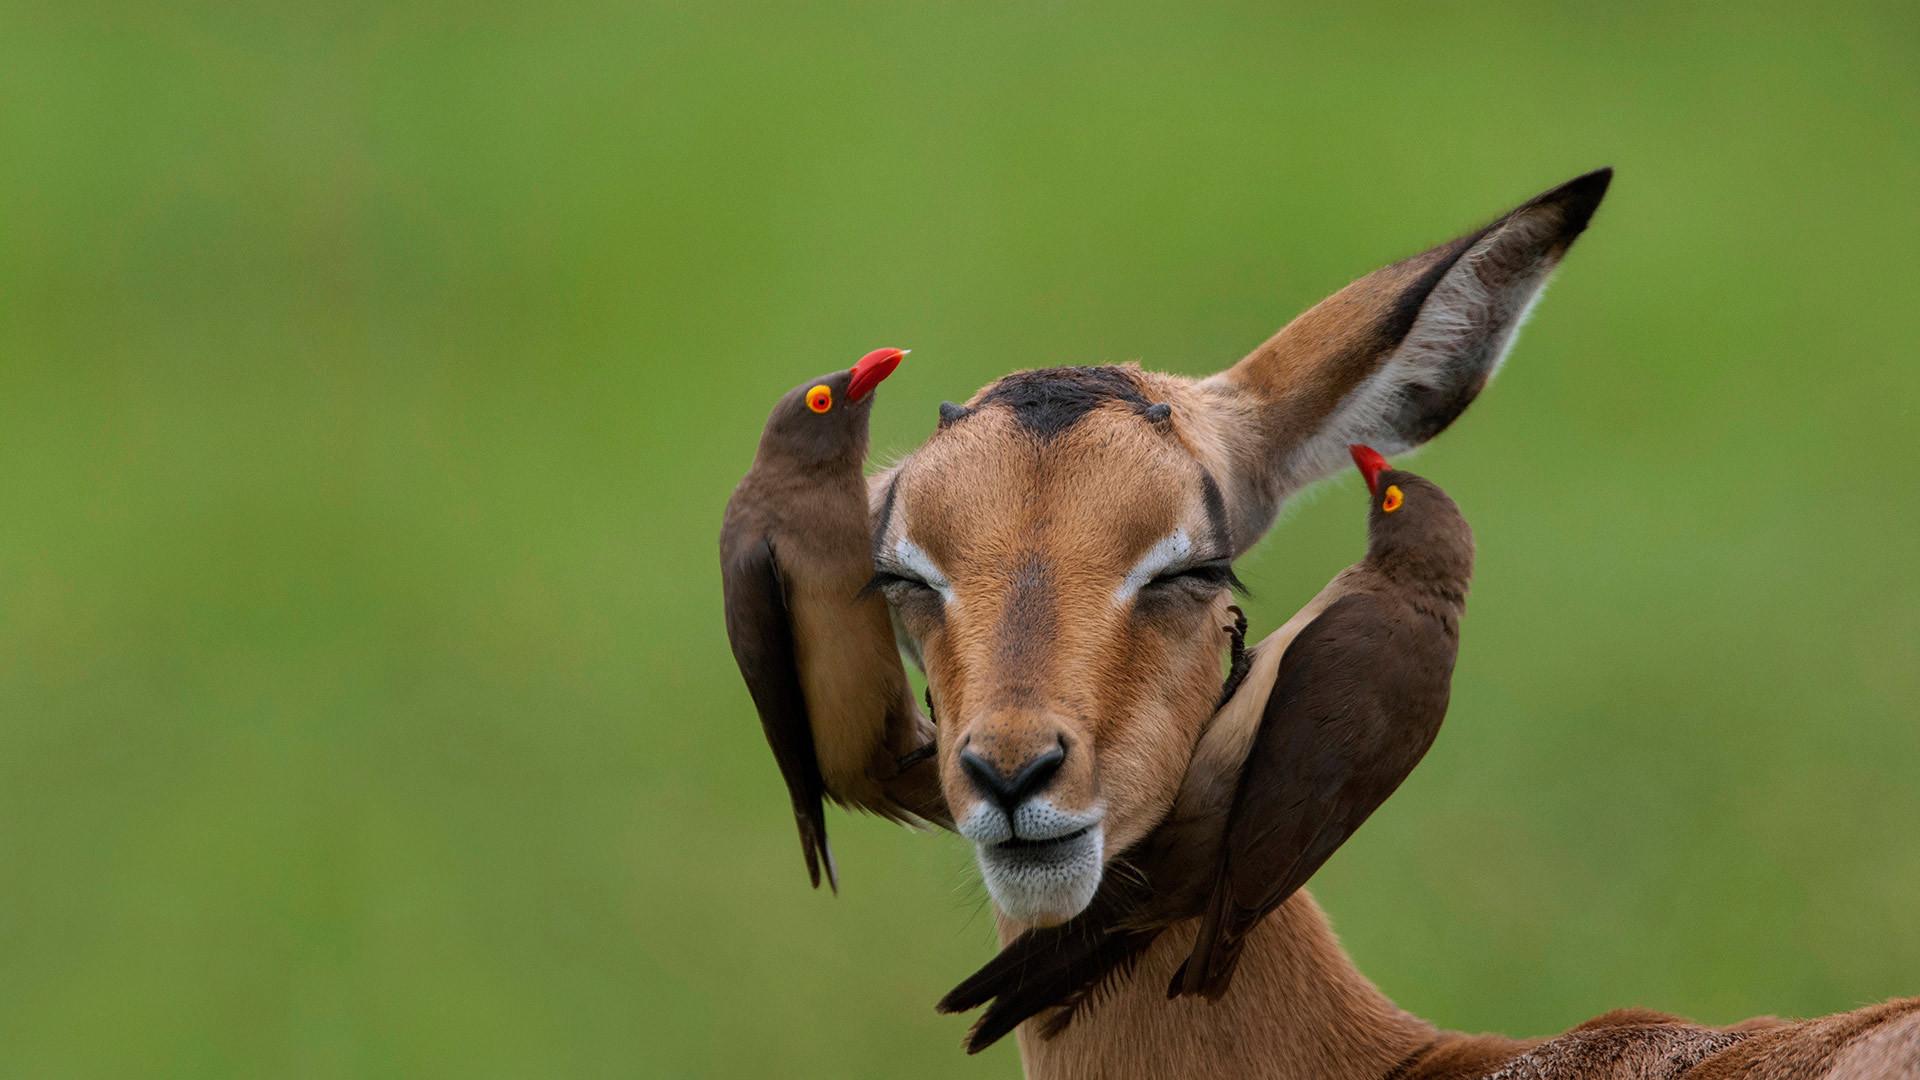 红嘴牛椋鸟和高角羚红嘴牛椋鸟